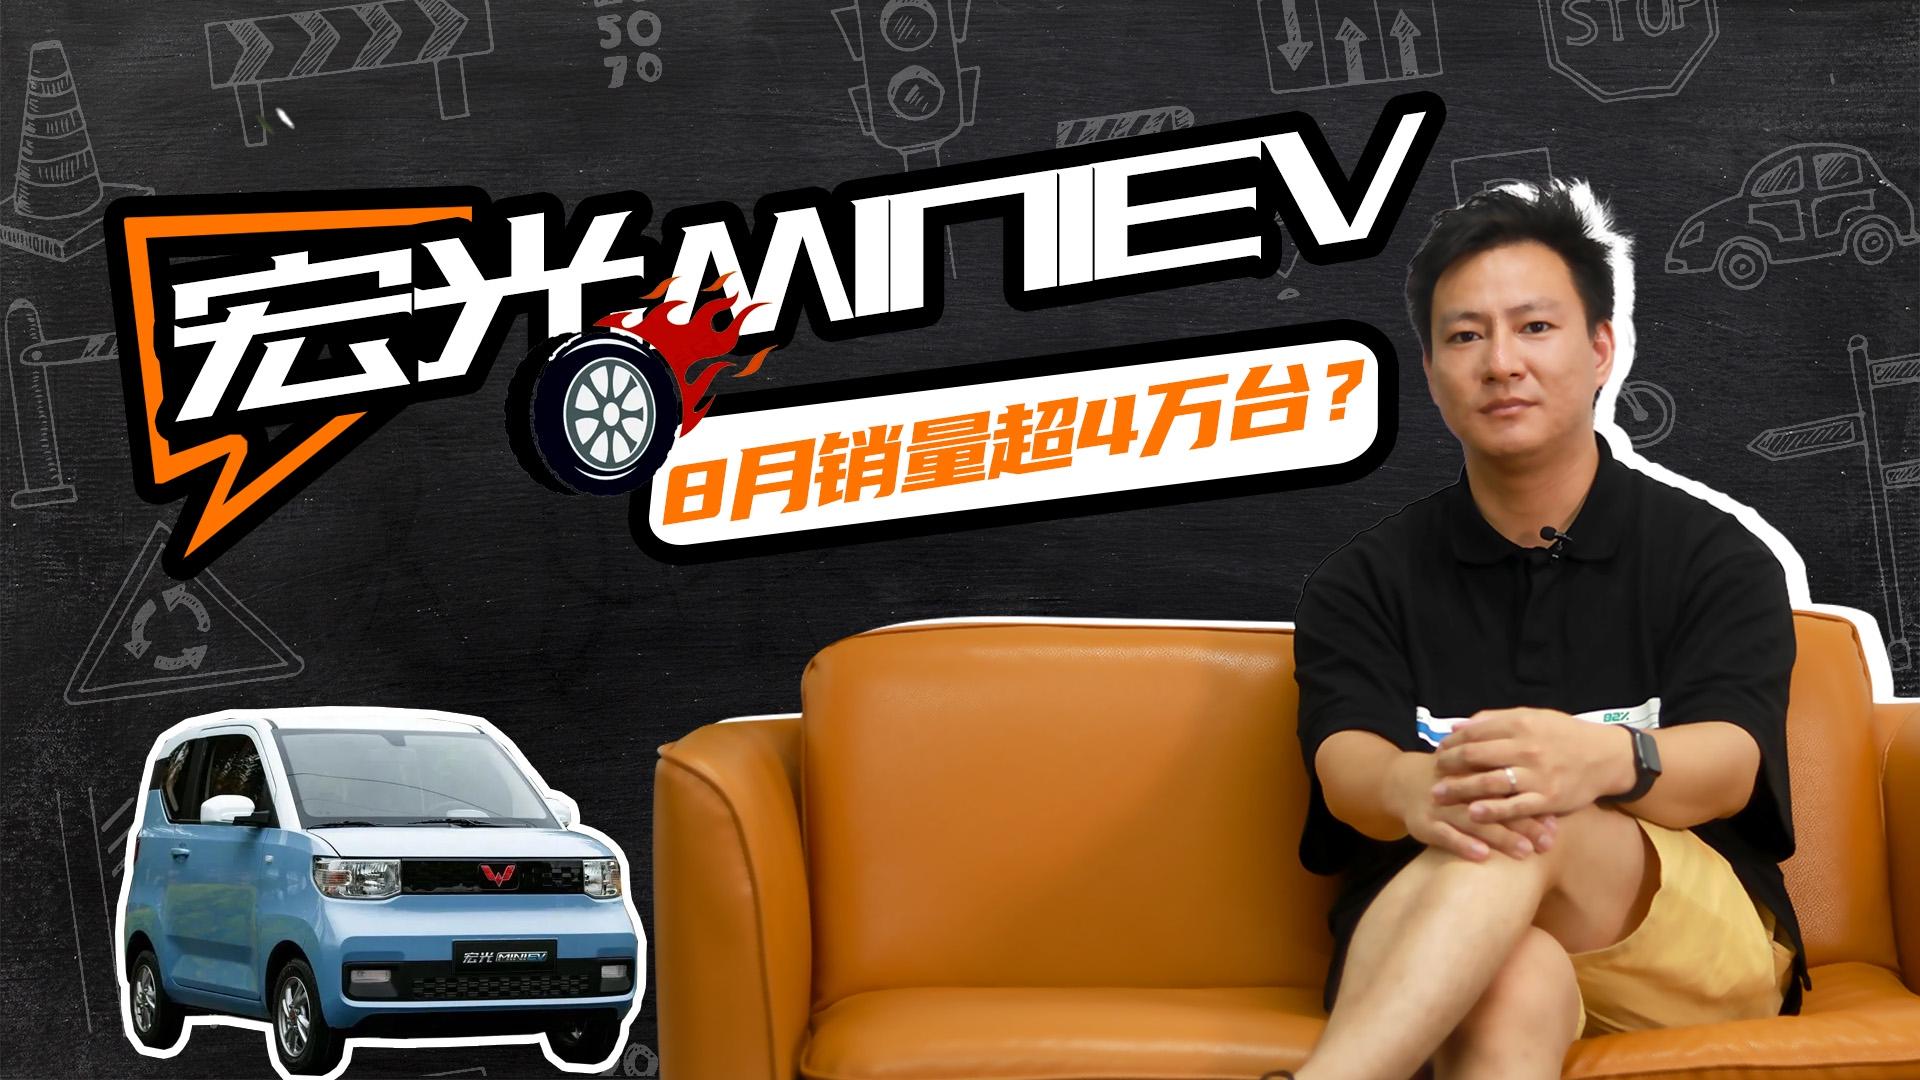 8月份销量超过4万台,国民小车五菱宏光MINIEV为什么这么火?